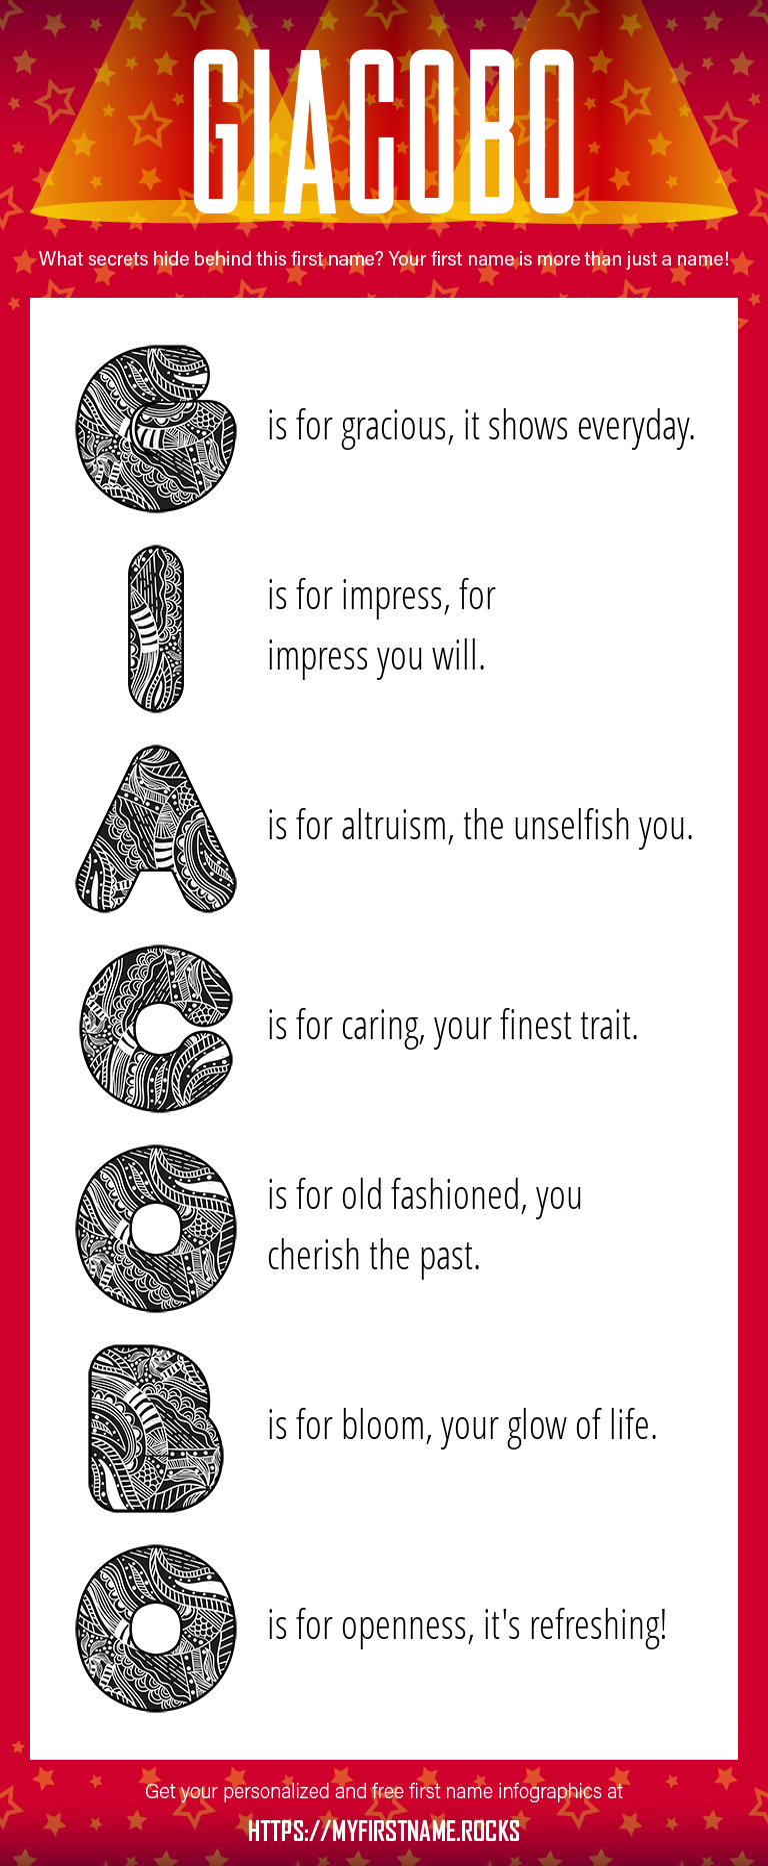 Giacobo Infographics